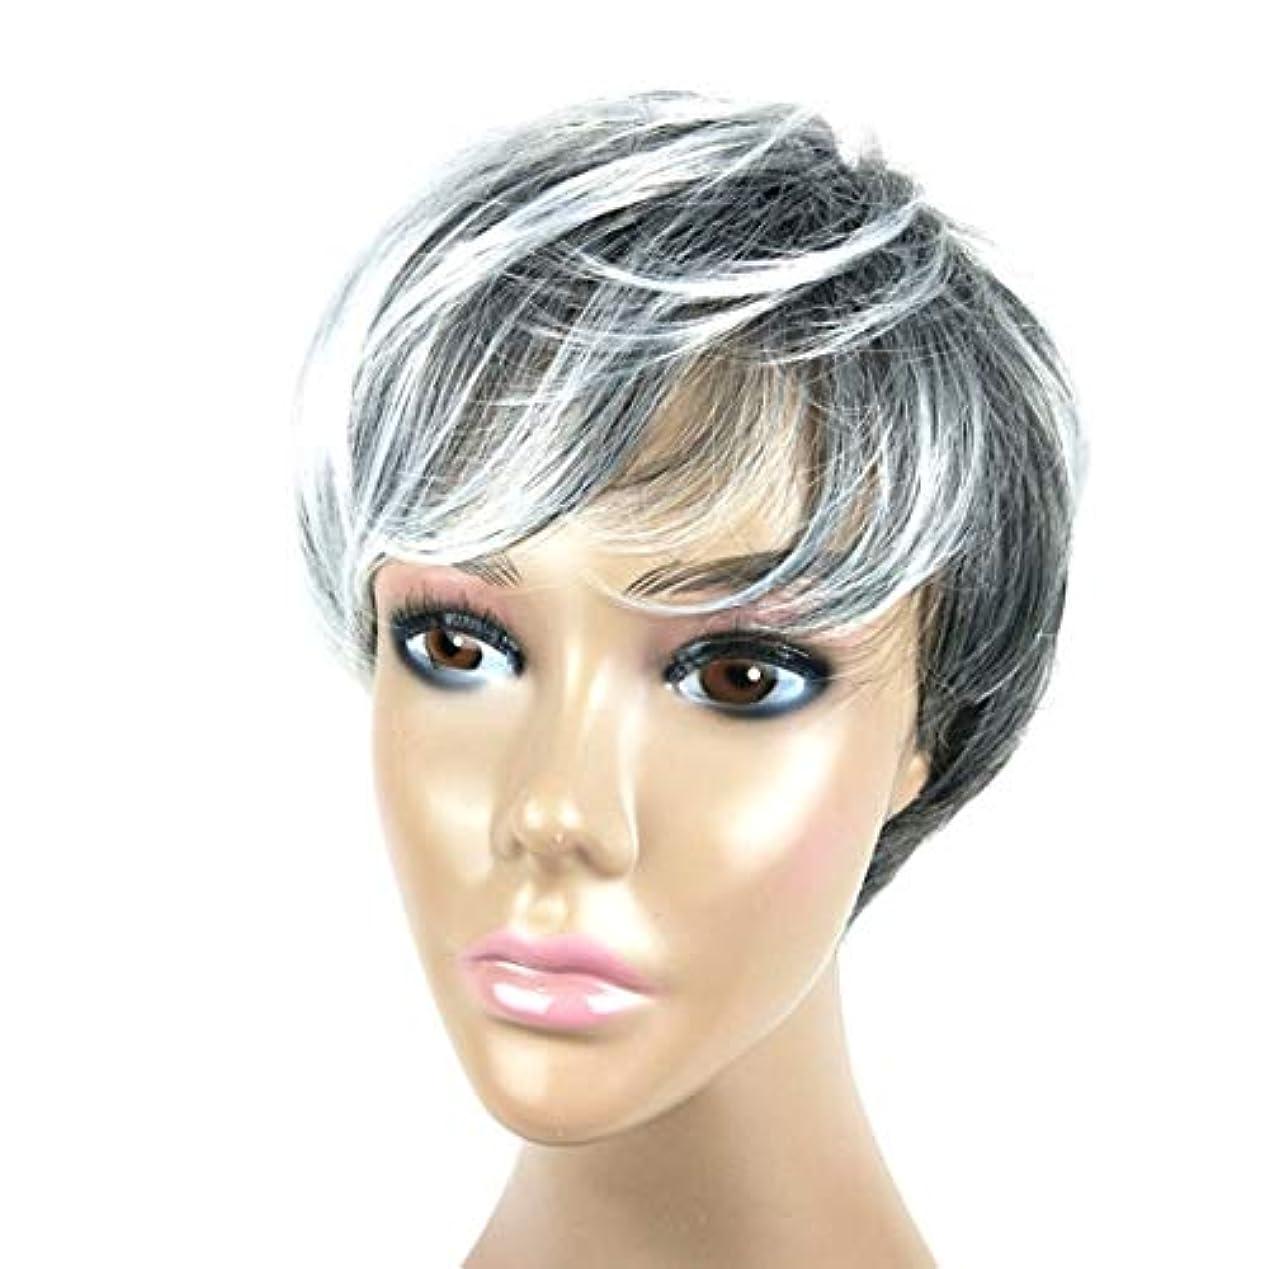 工業用耐えられない聡明Kerwinner メンズショートヘア白黒グラデーションカラーウィッグ